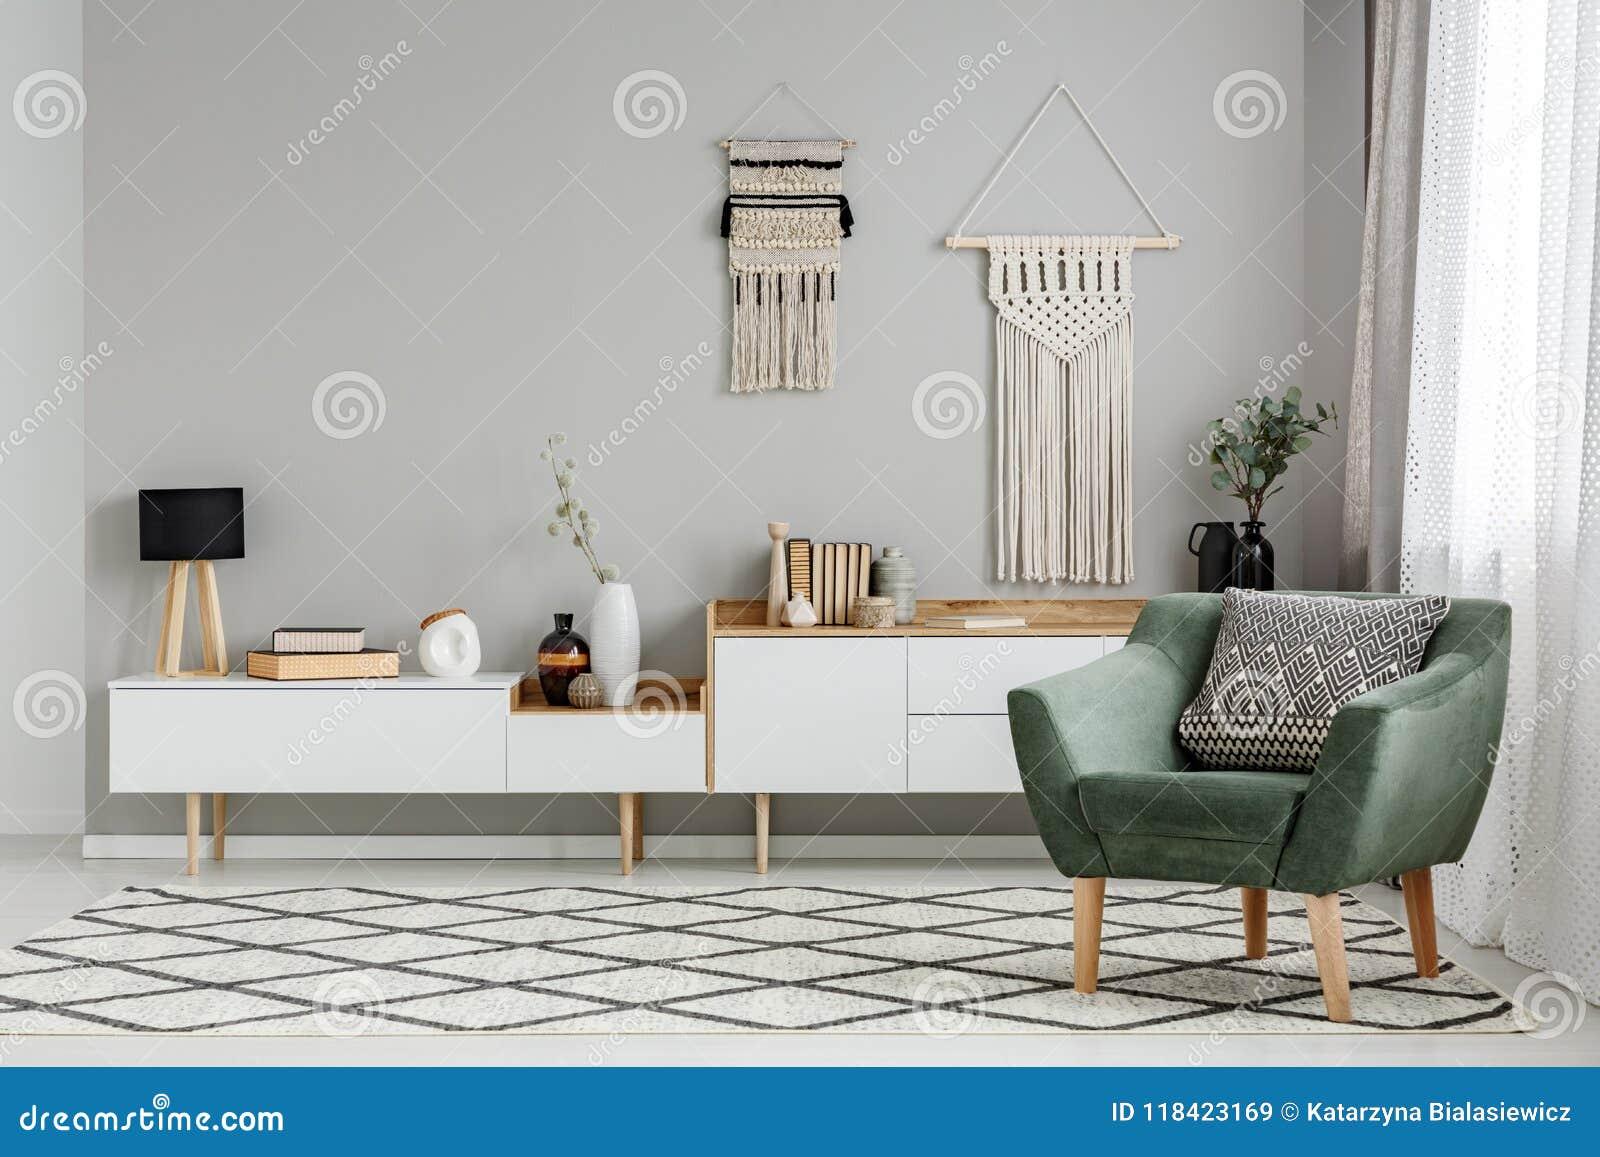 Зеленое кресло на сделанном по образцу ковре в ярком interio живущей комнаты